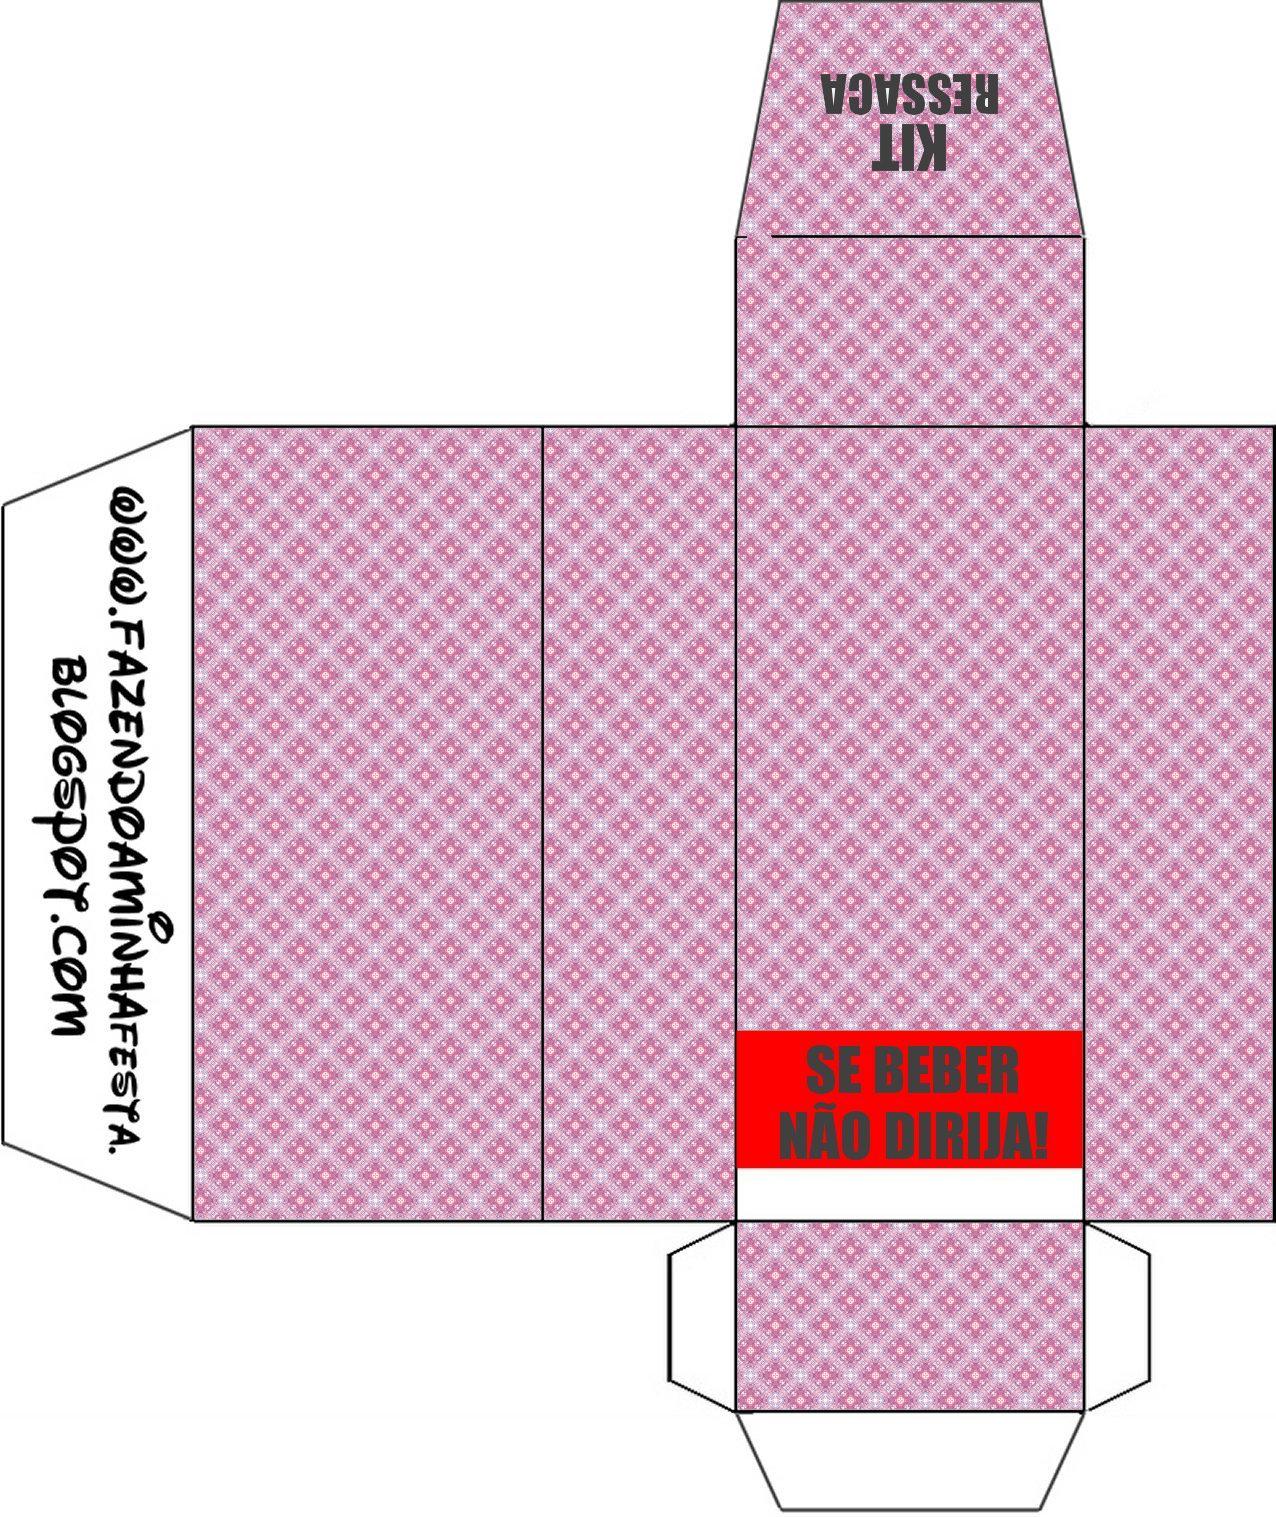 post tem moldes para você fazer sozinho um lindo kit para banheiro #C70404 1276x1517 Atenção Banheiro Em Manutenção